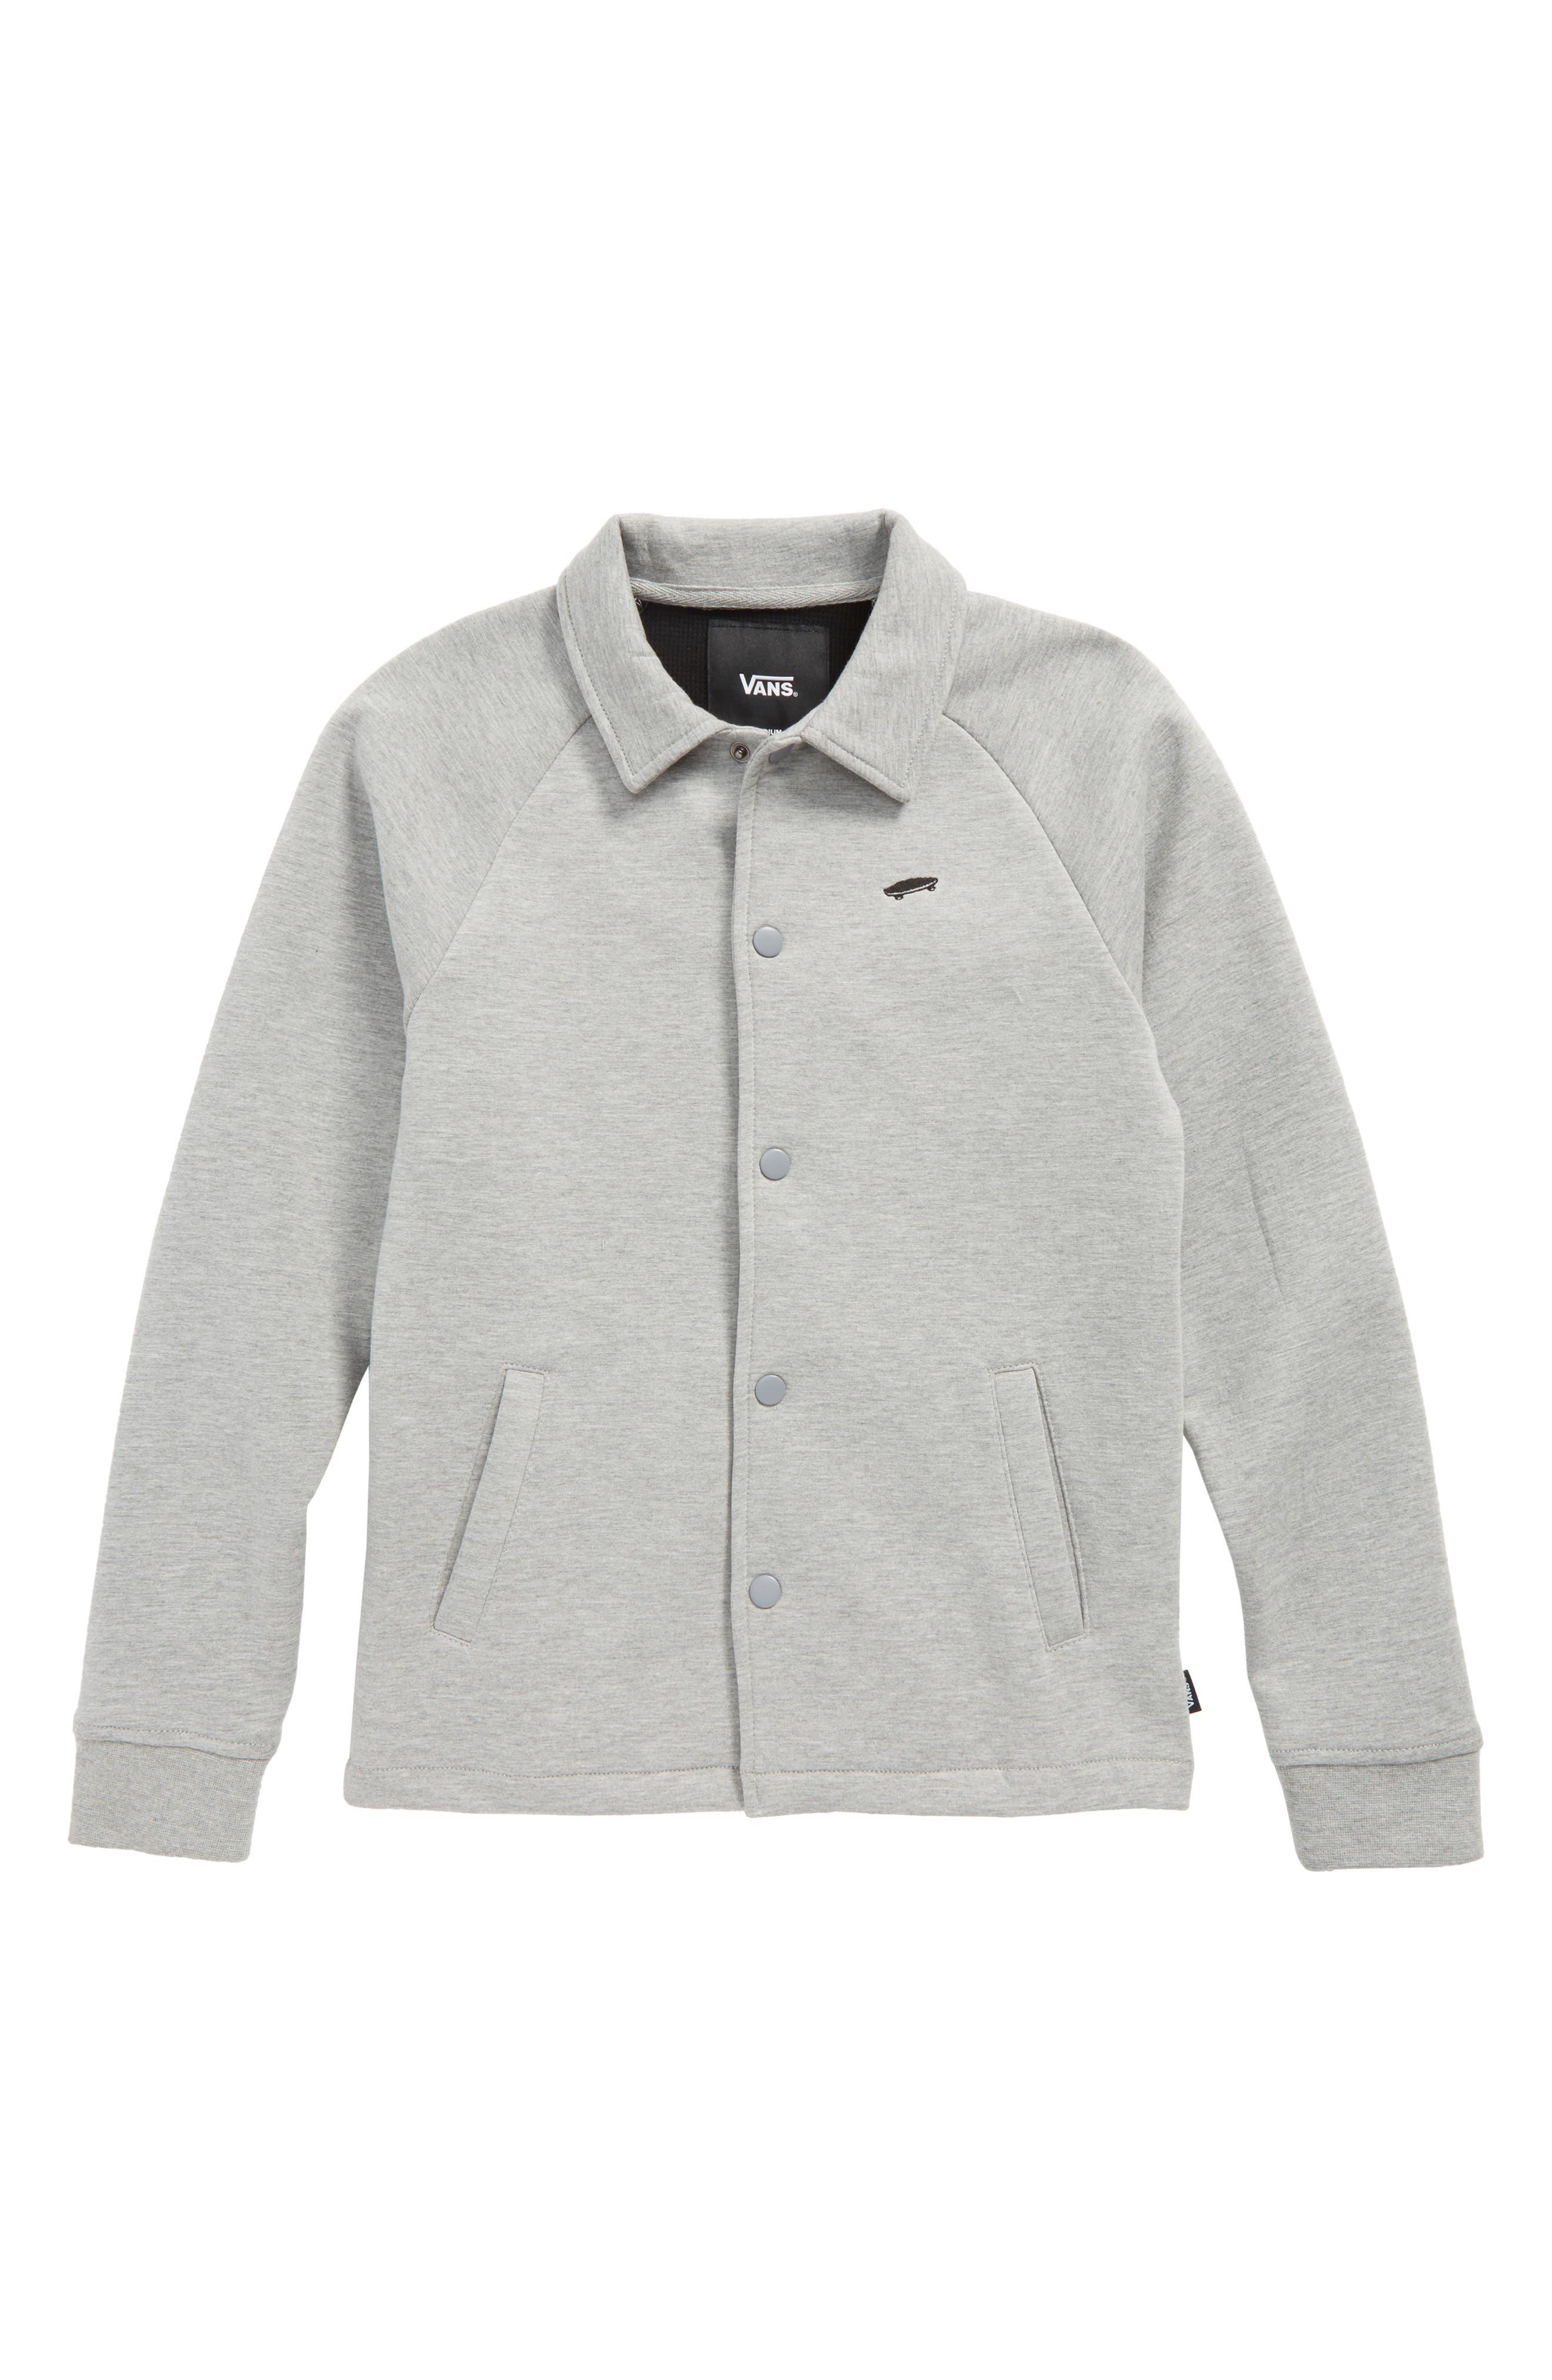 Main Image - Vans Torrey Fleece Jacket (Big Boys)